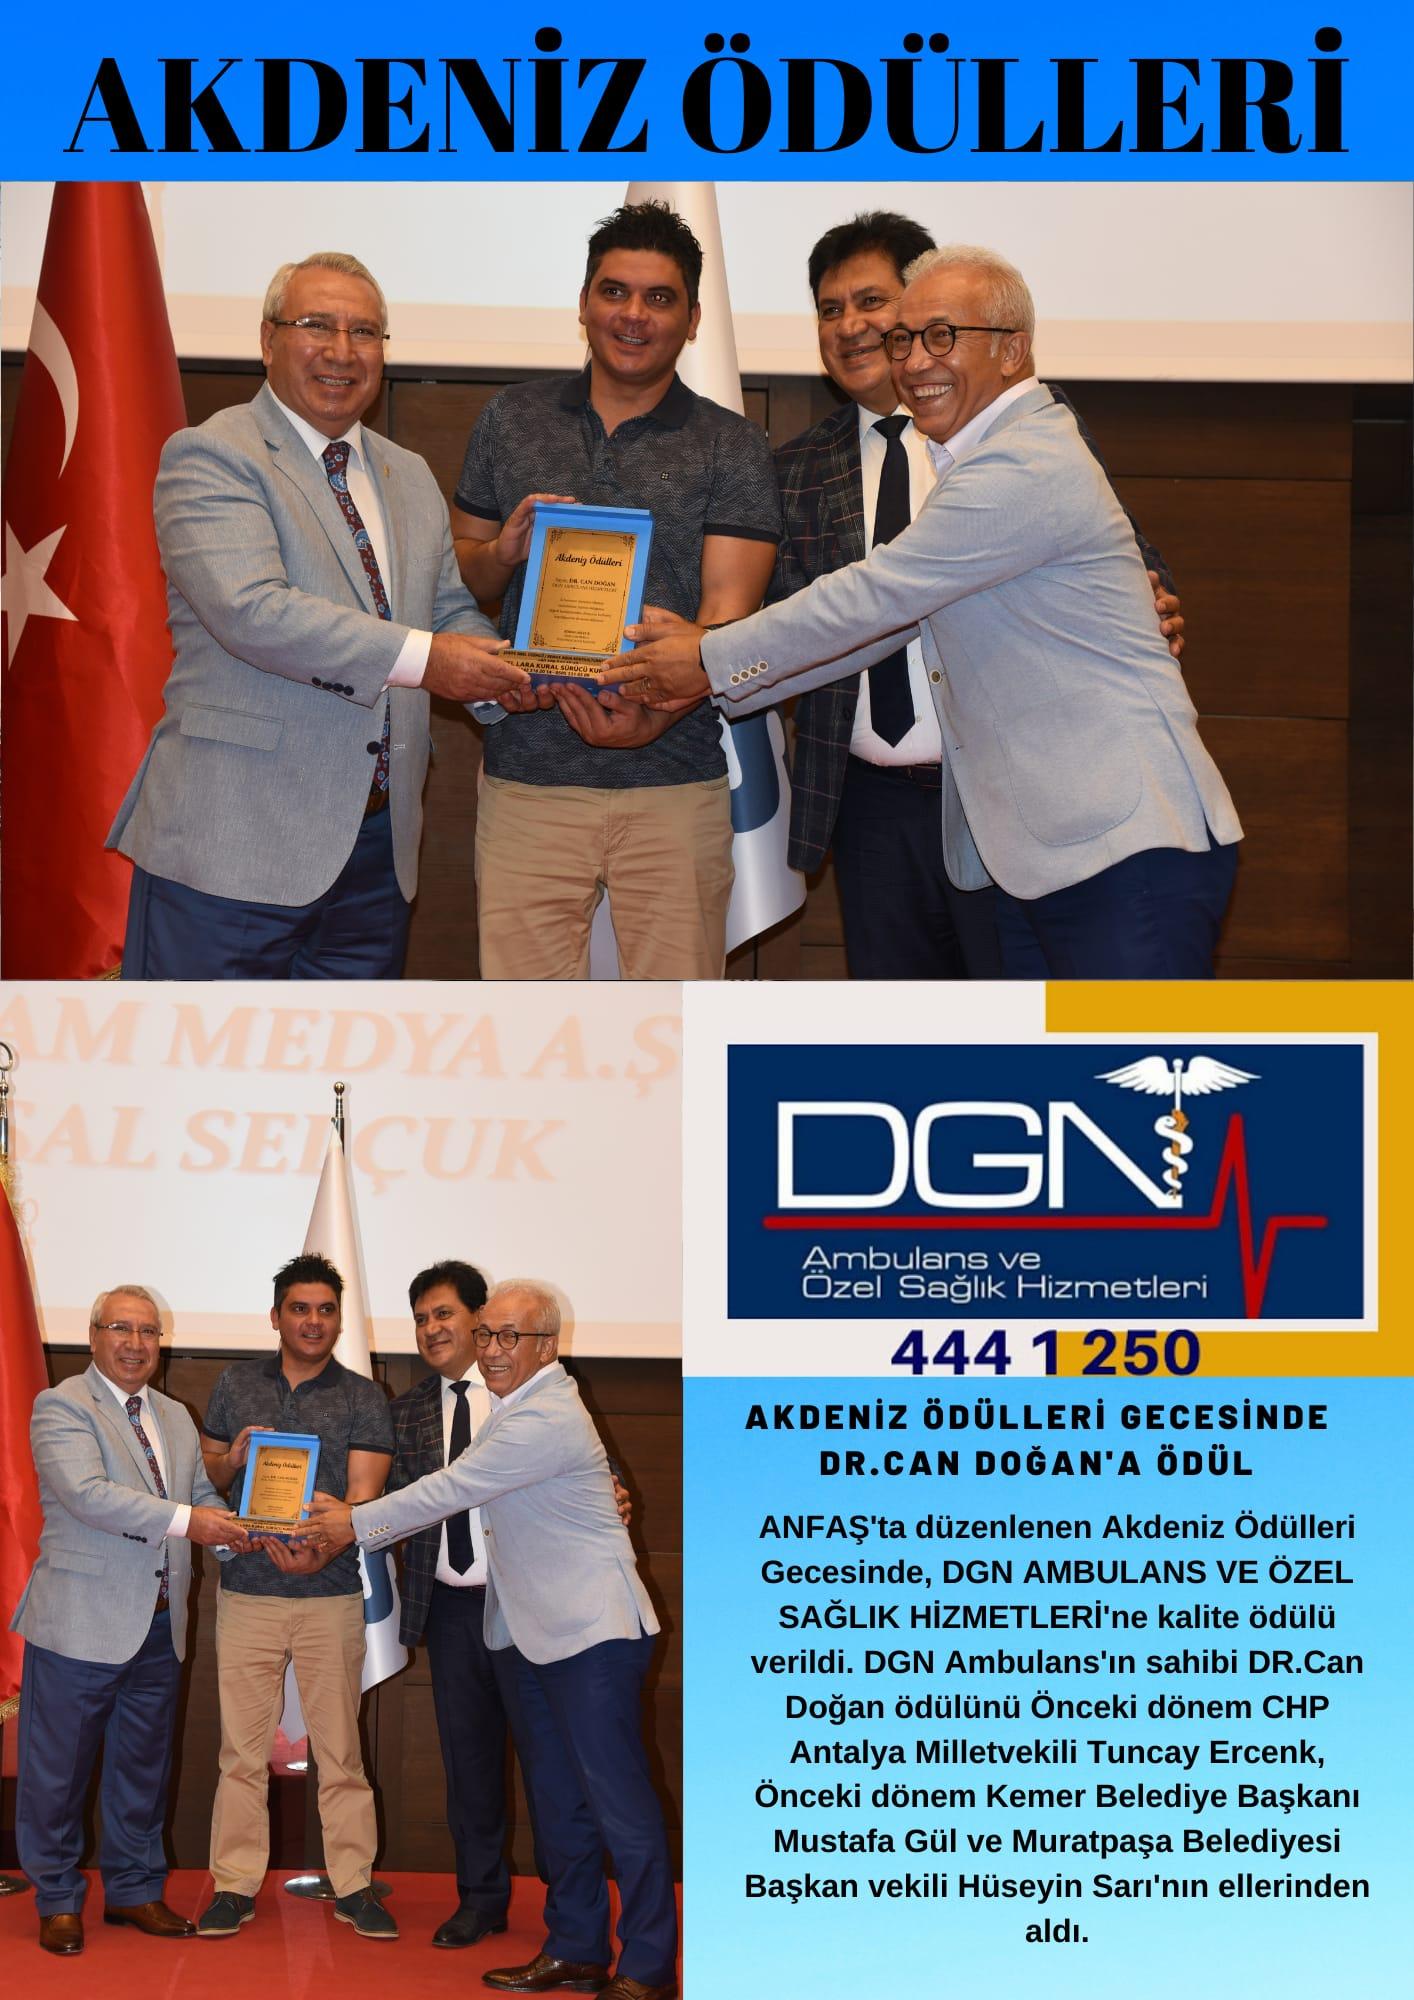 Akdeniz ödülleri gecesinde Dr. Can Doğan'a Ödül